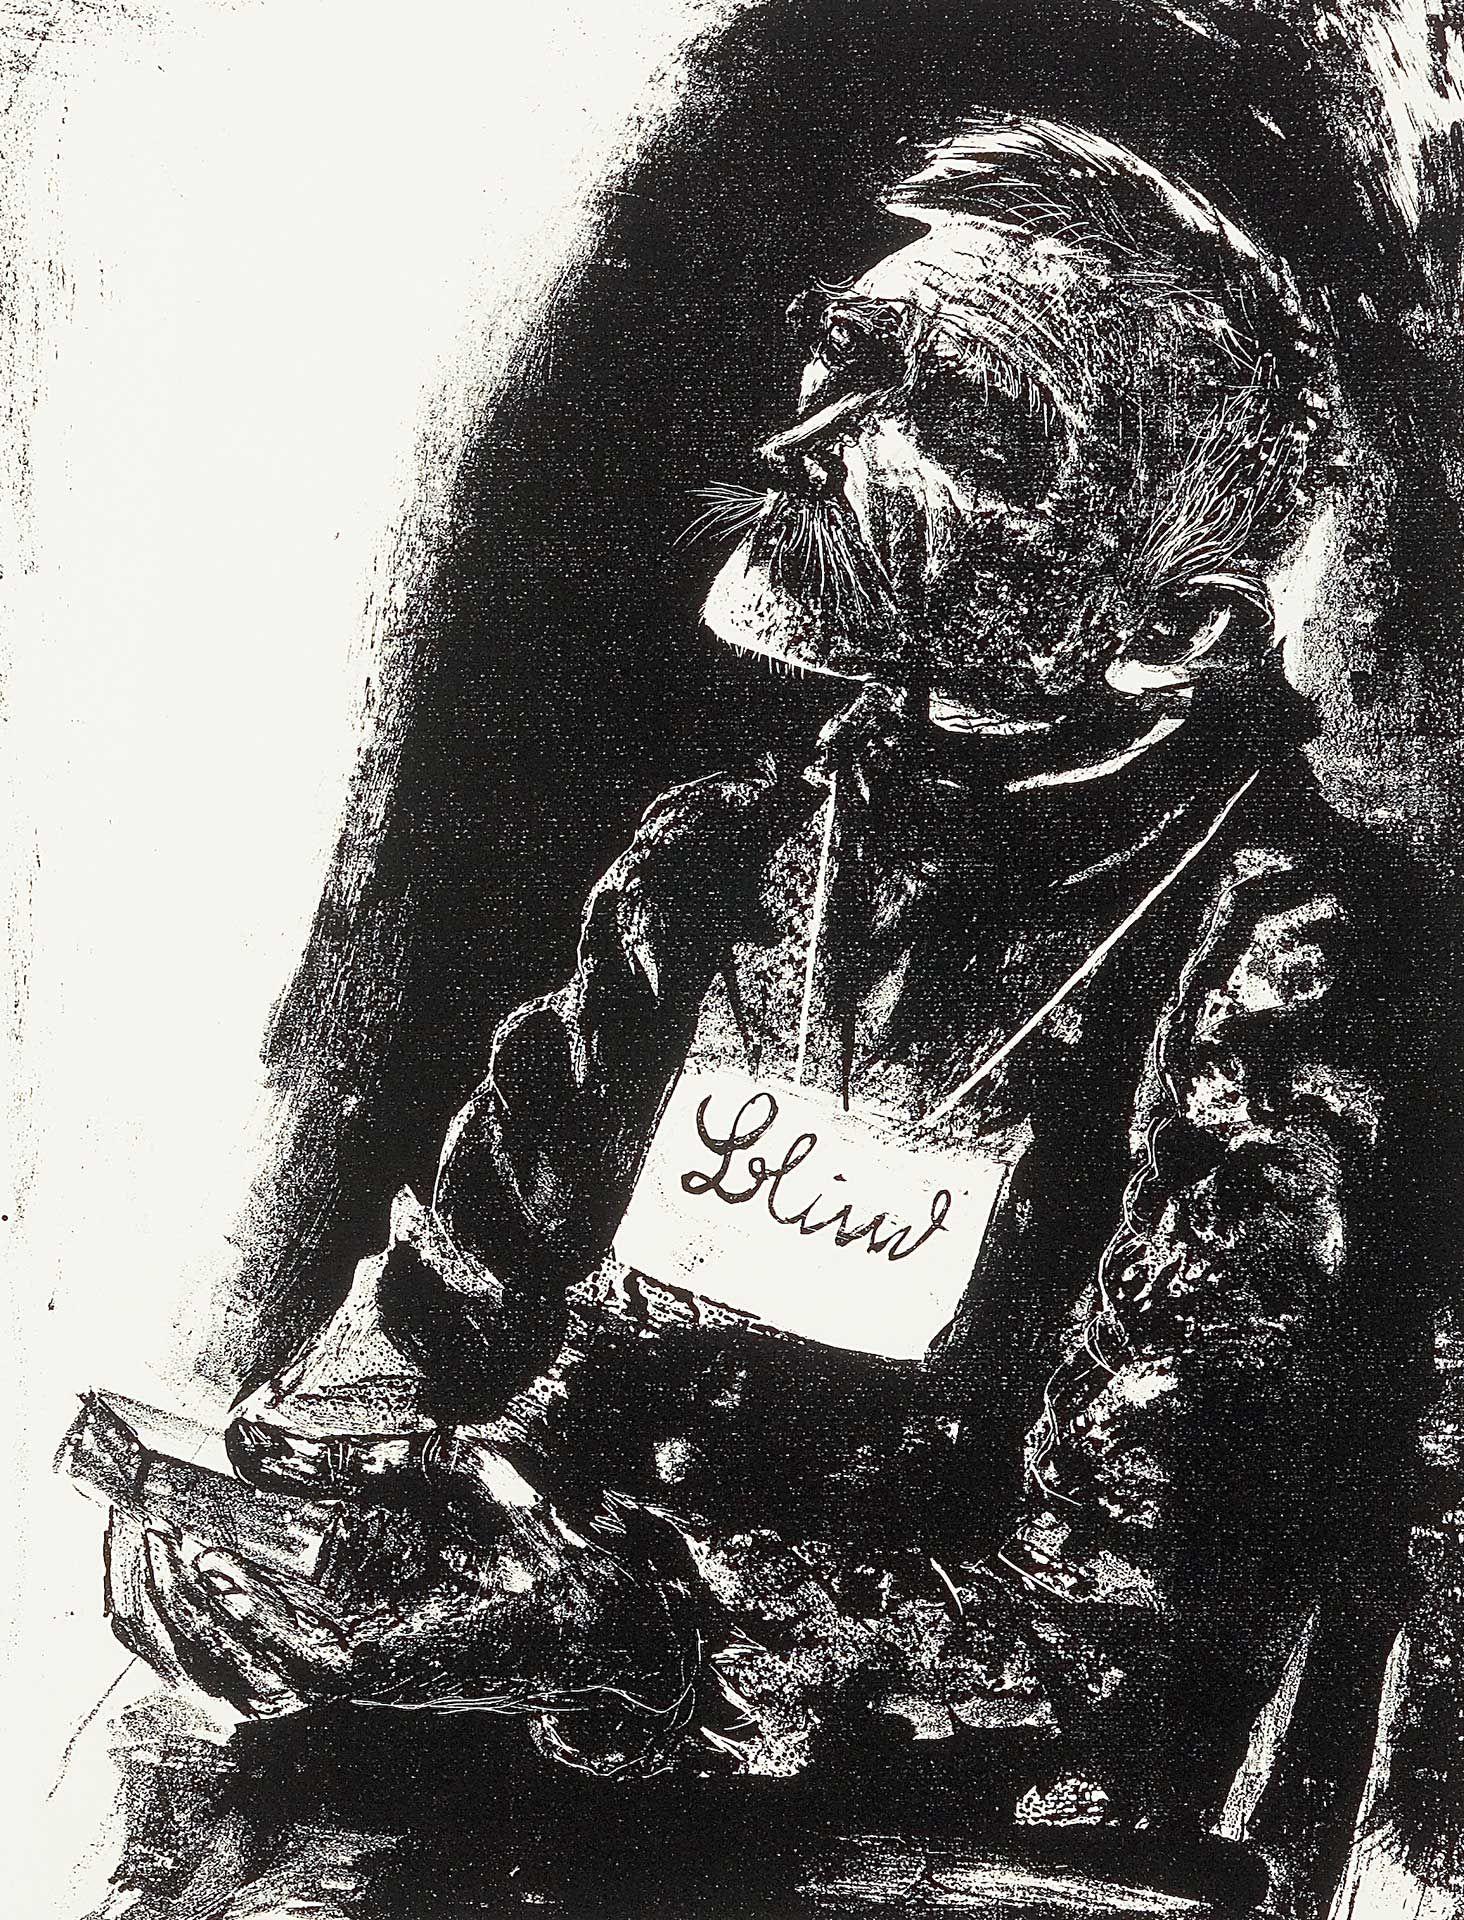 Otto Dix (1891-1969), L'aveugle, 1923, lithographie, état unique. MBAM, achat, fonds Wake Robin à la mémoire de Nelo St.B. Harrison. © Succession Otto Dix / SOCAN (2020)